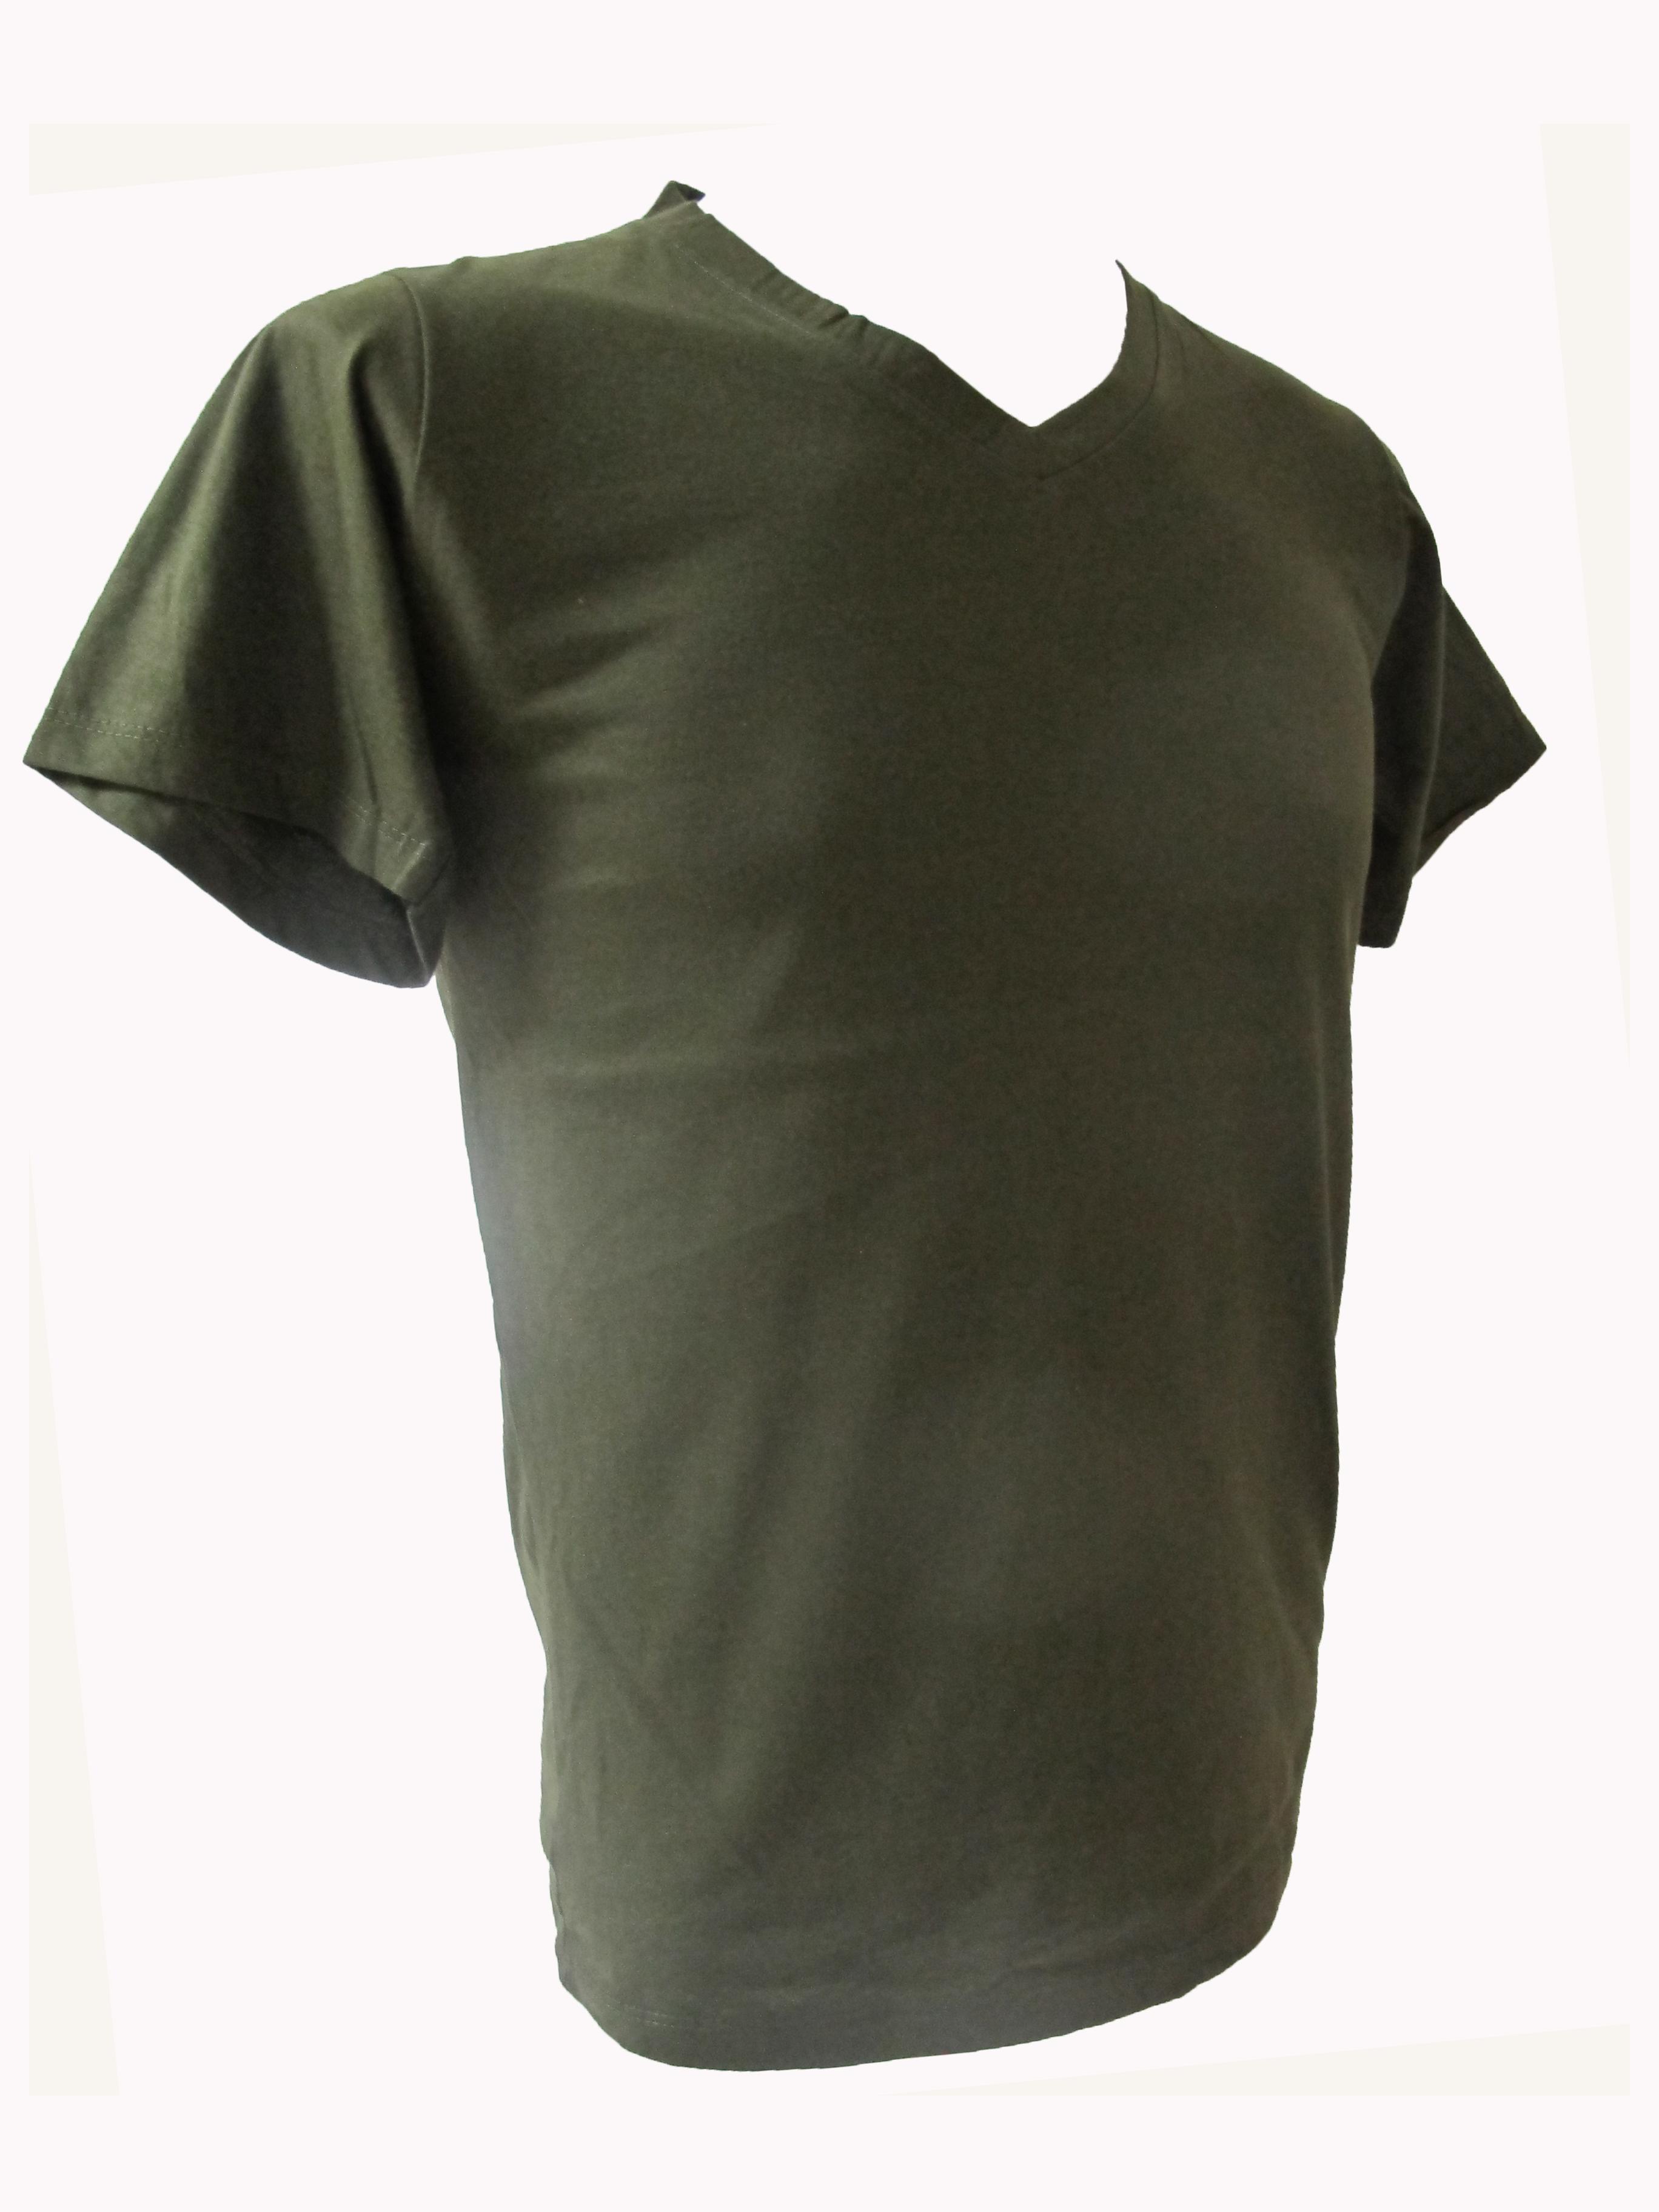 COTTON100% เบอร์32 เสื้อยืดแขนสั้น คอวี สีเขียวขี้ม้า